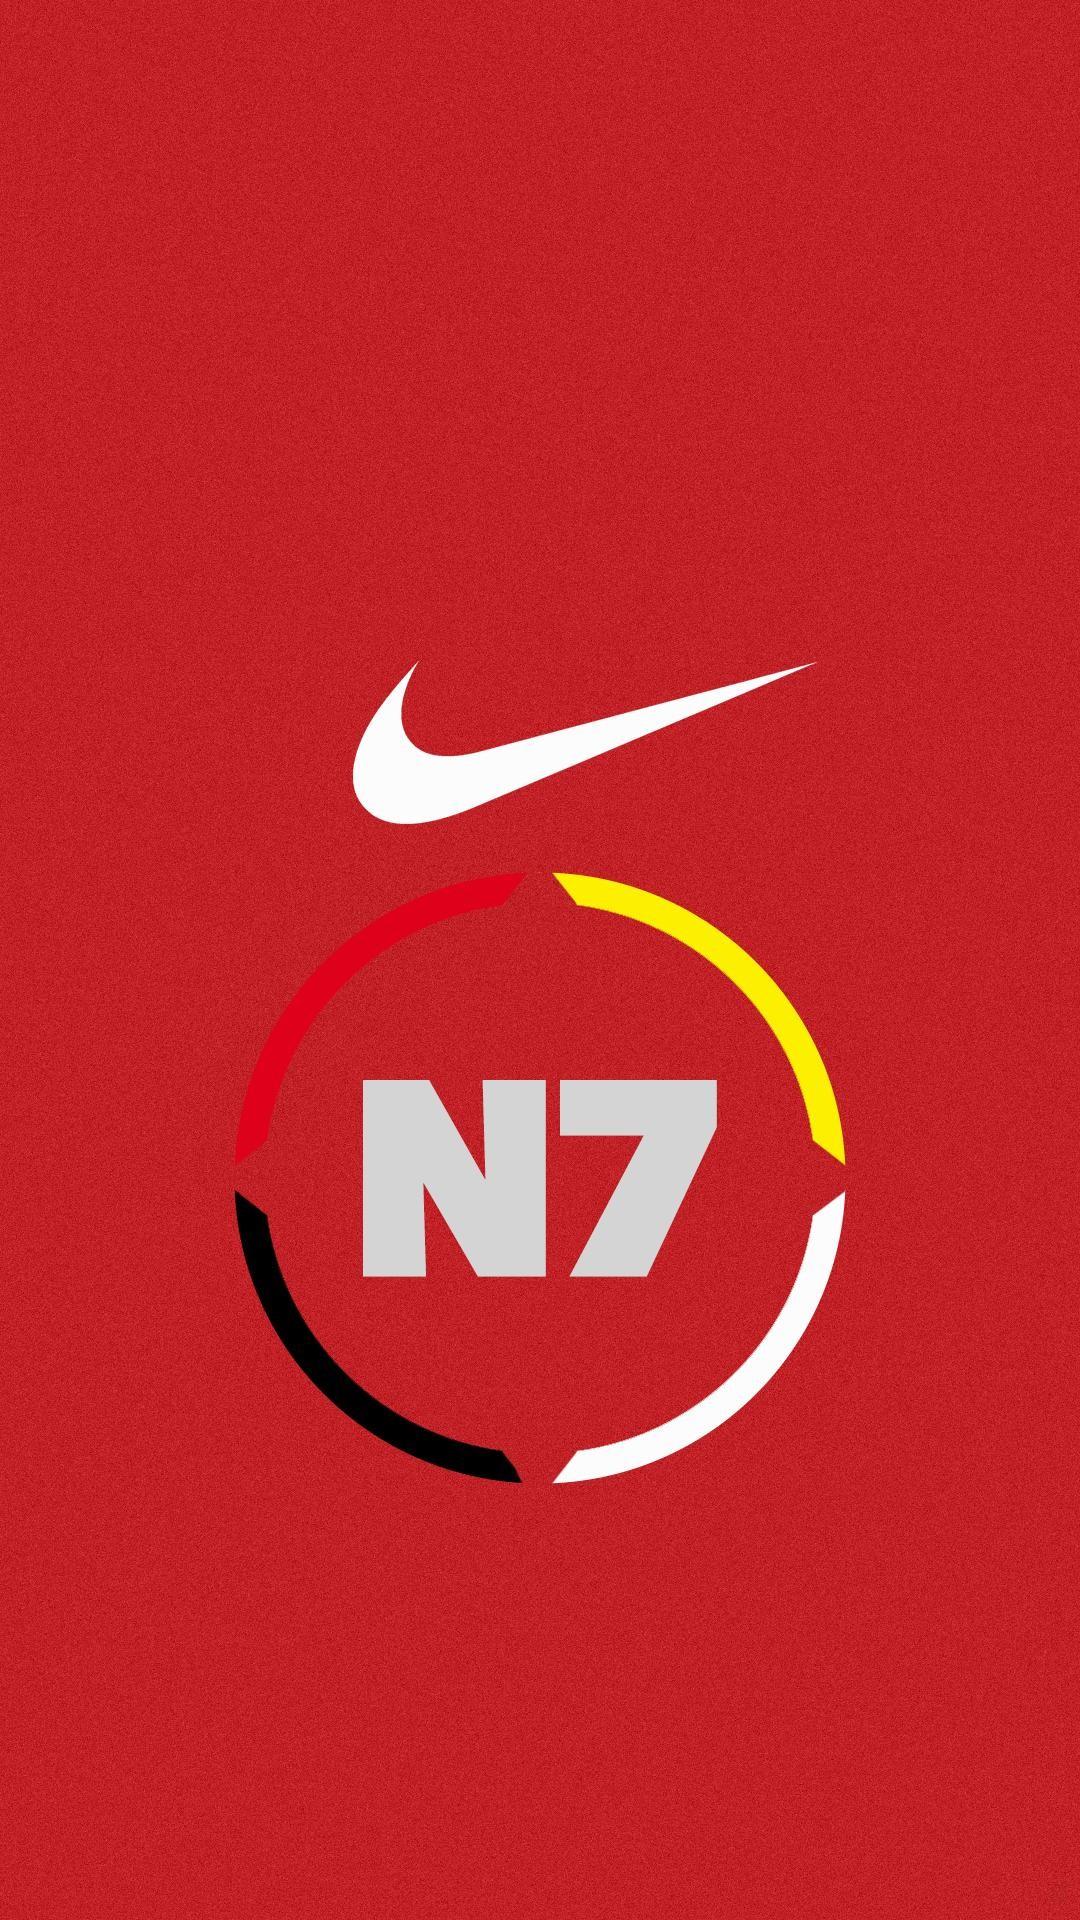 N7 Iphone Wallpaper Iphone Nike Wallpaper Hd 78 Images